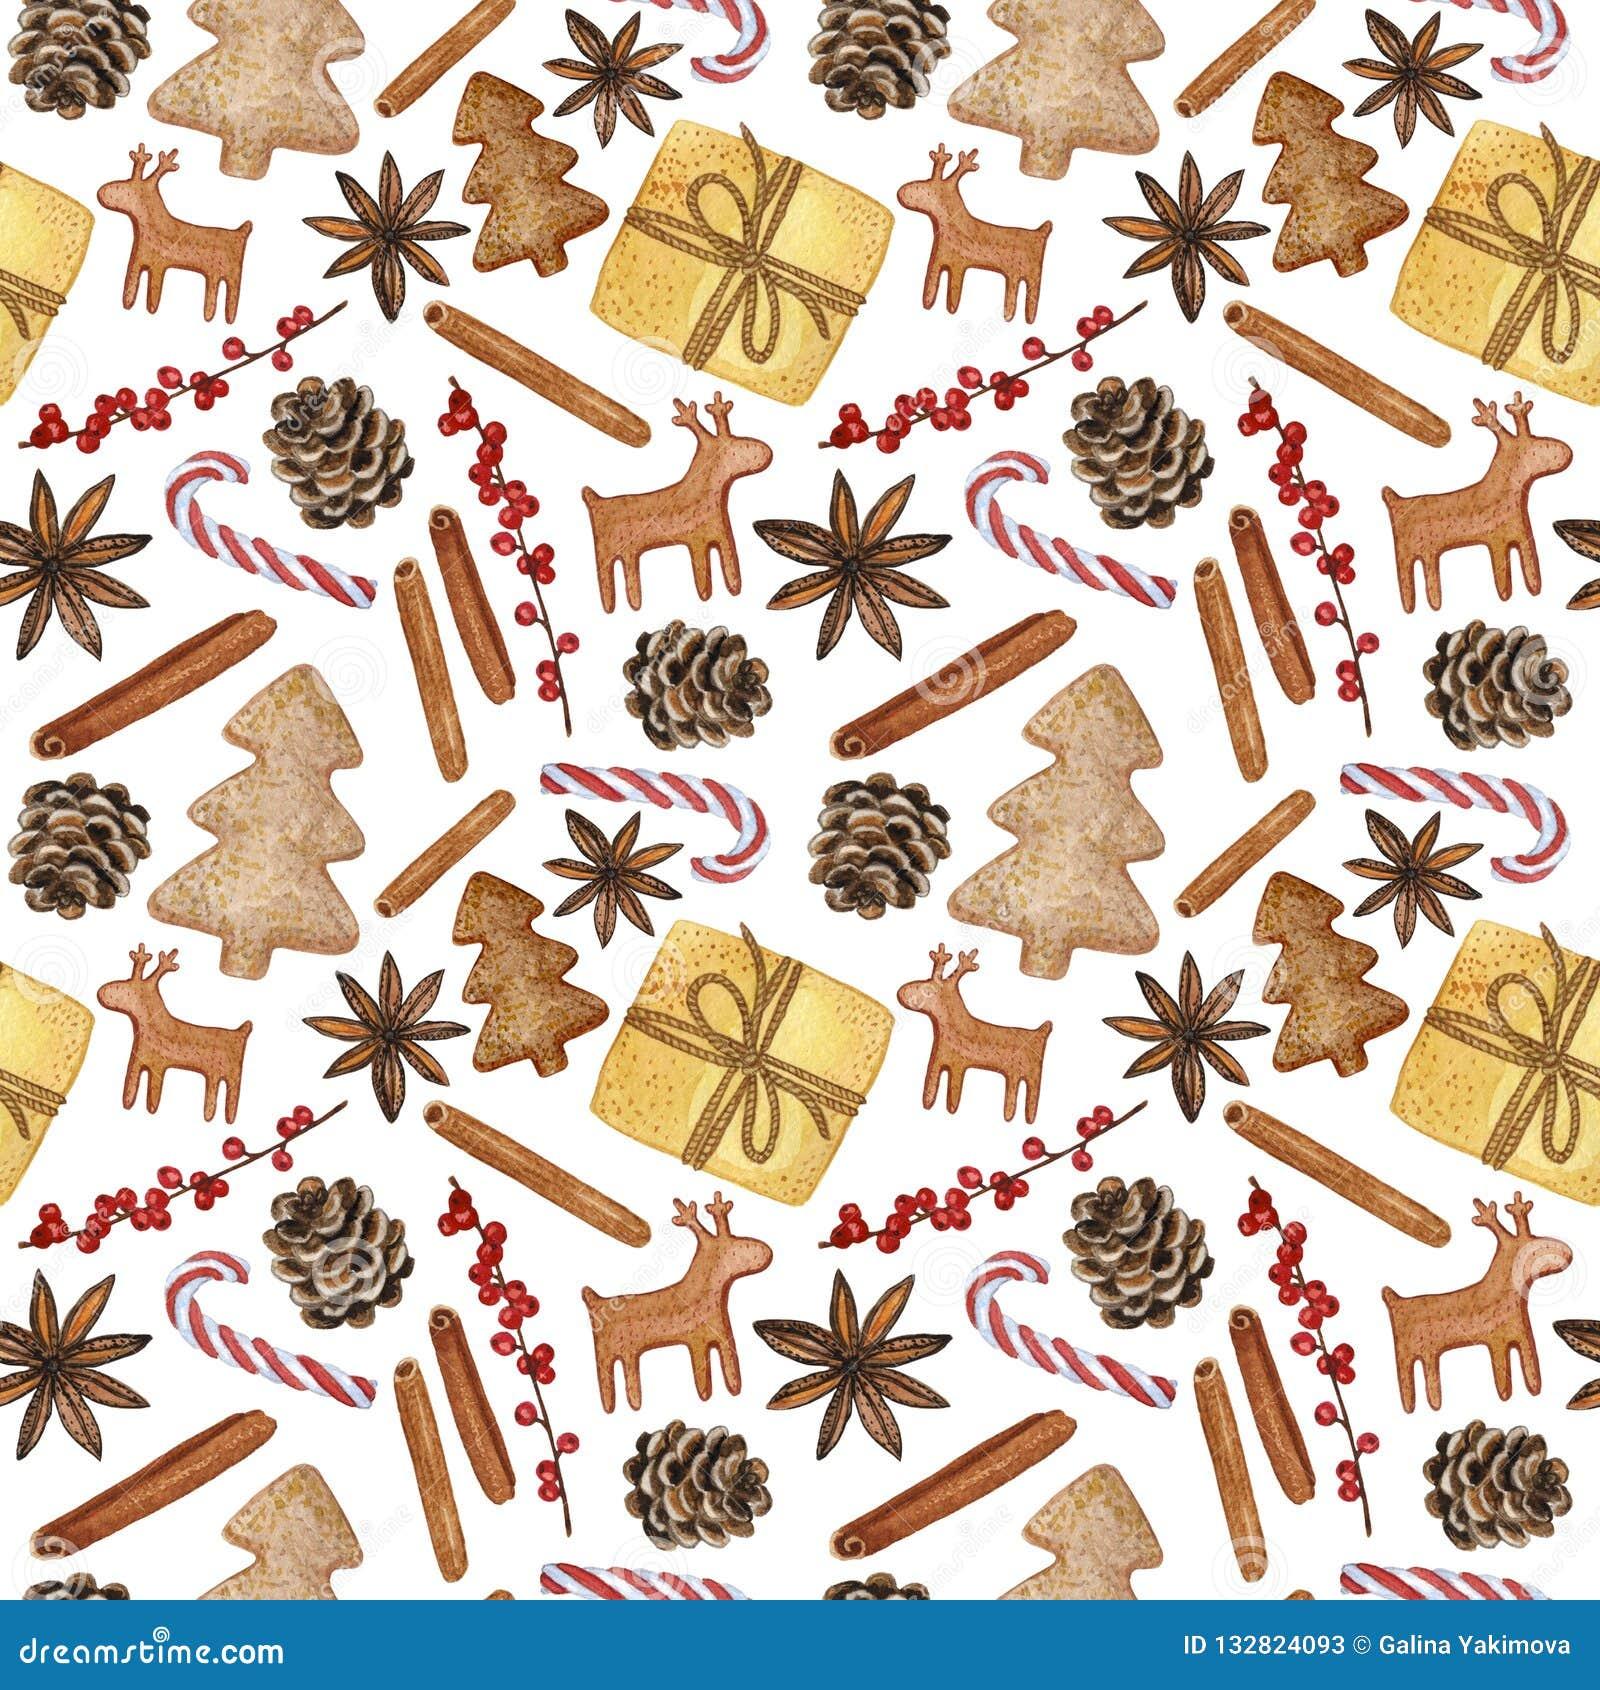 Νέα διακοσμητικά στοιχεία έτους και Χριστουγέννων - Hand-drawn απεικόνιση Watercolour, άνευ ραφής σχέδιο